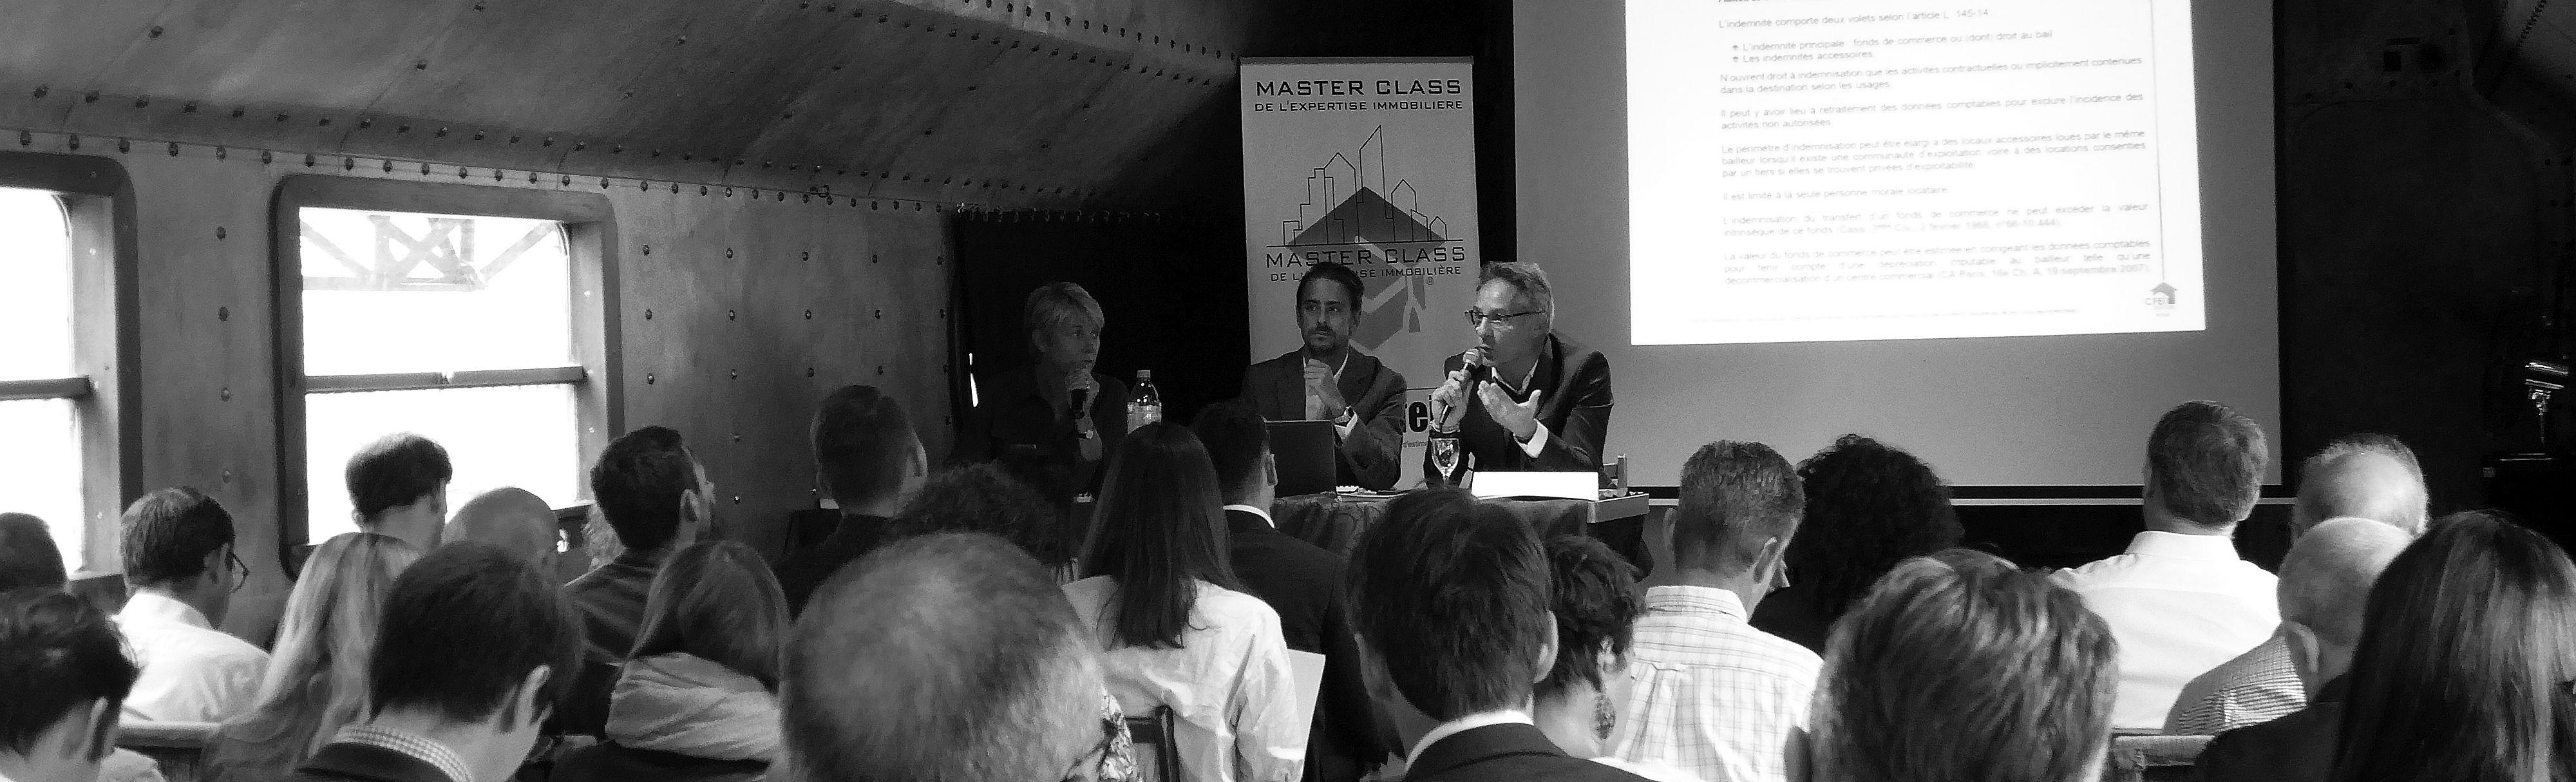 Philippe FAVRE-REGUILLON, expert immobilier, intervenant lors des Master class de l'expertise immobilière